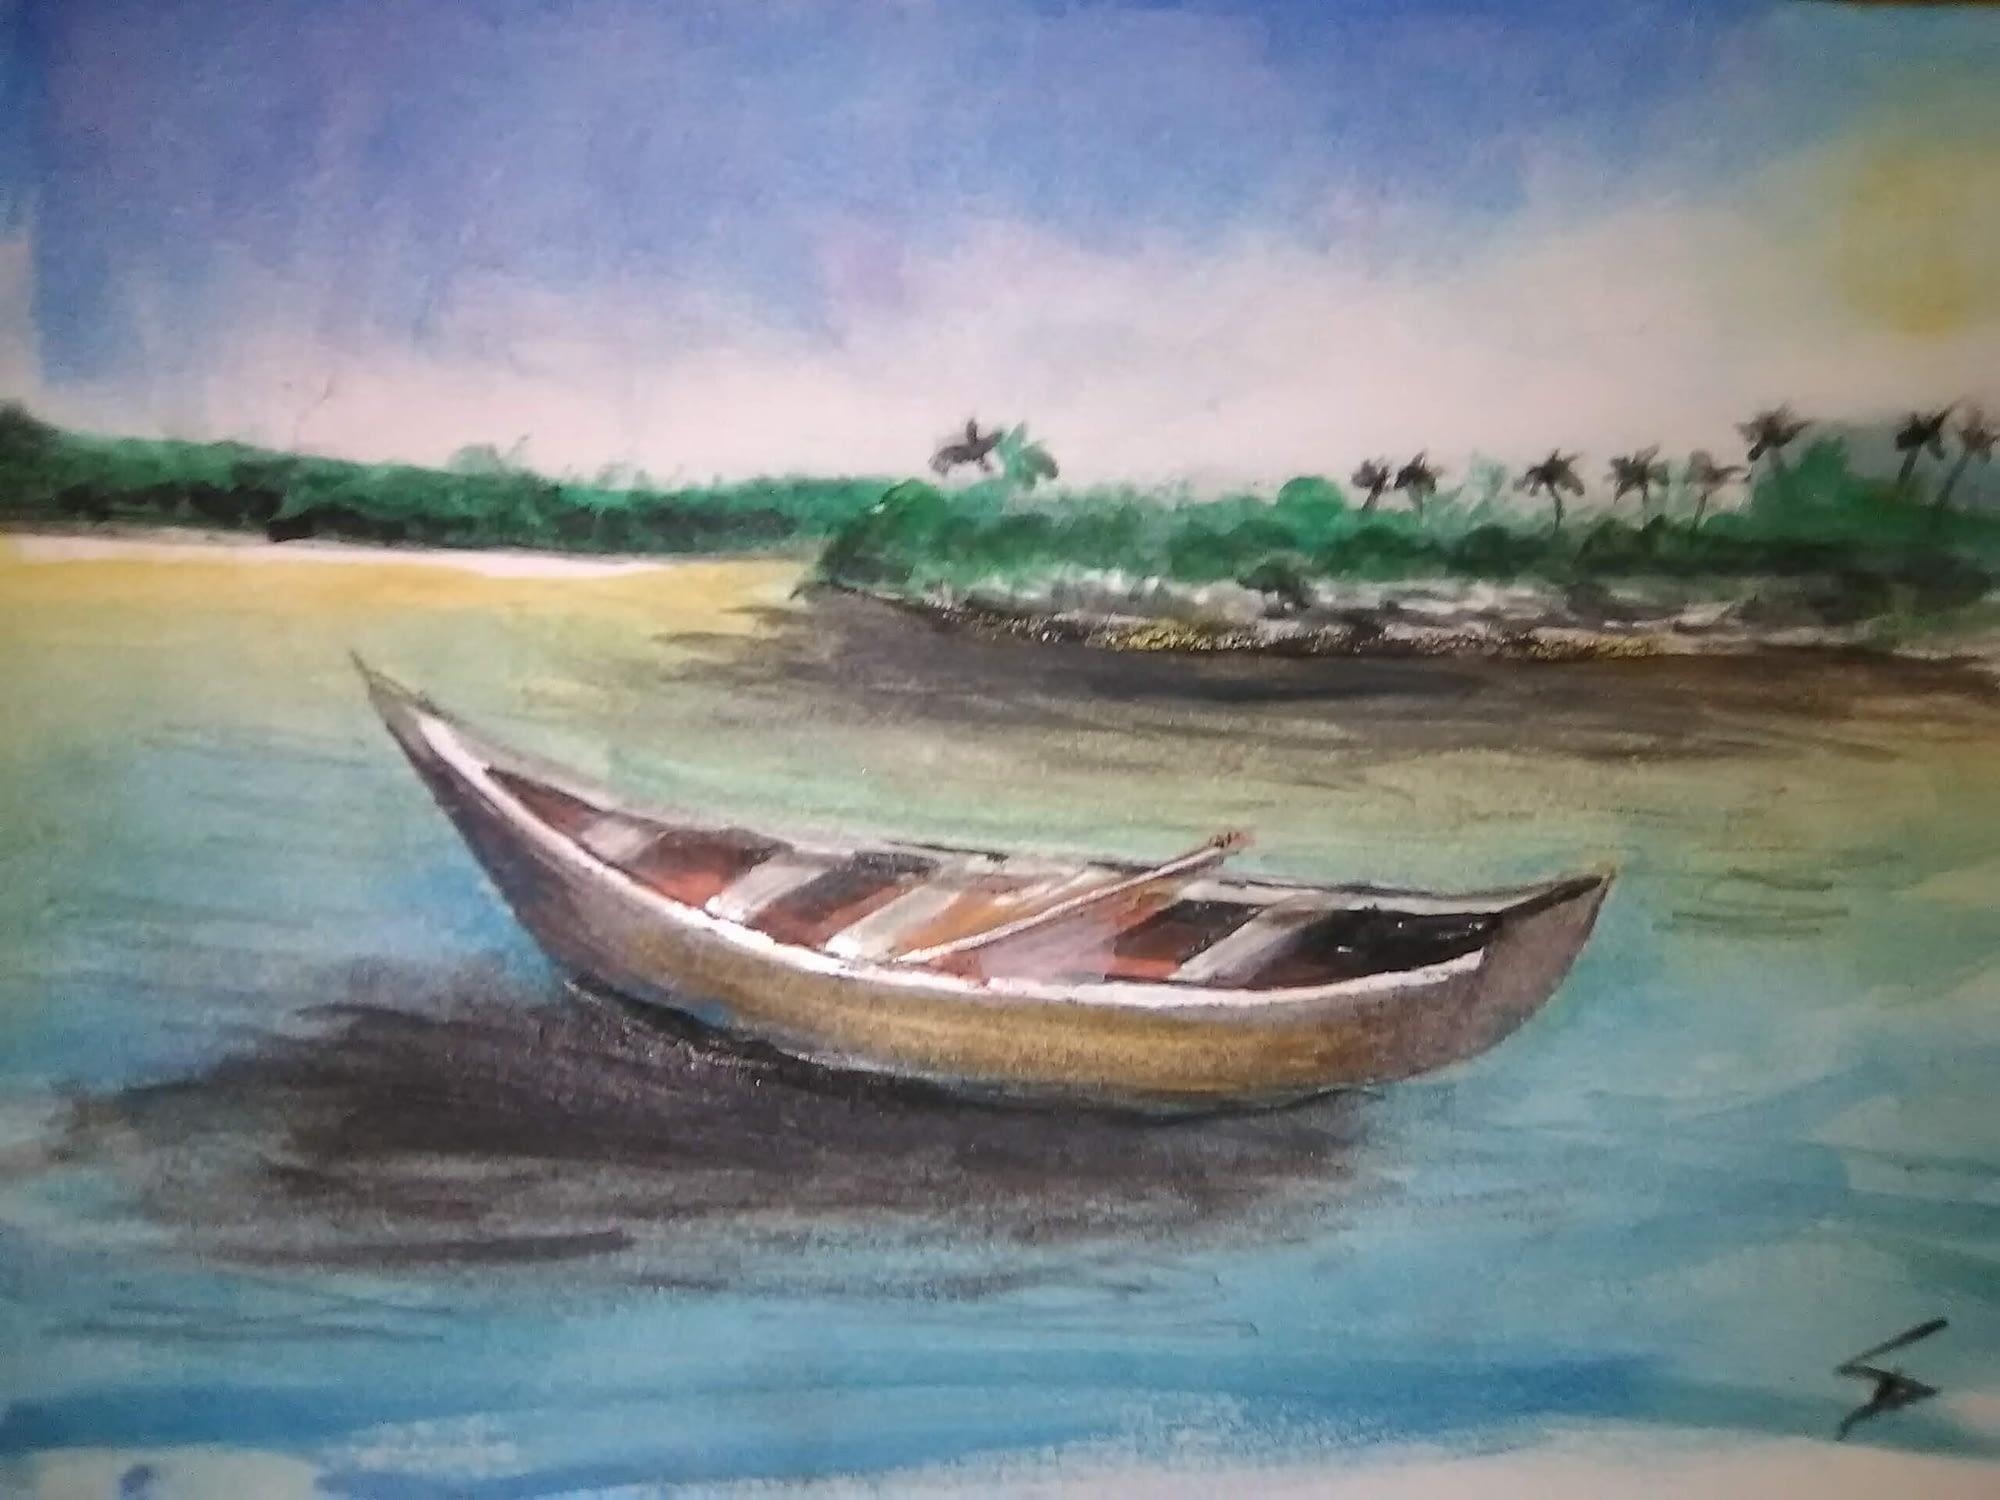 Watercolor exercise #5 - sampan